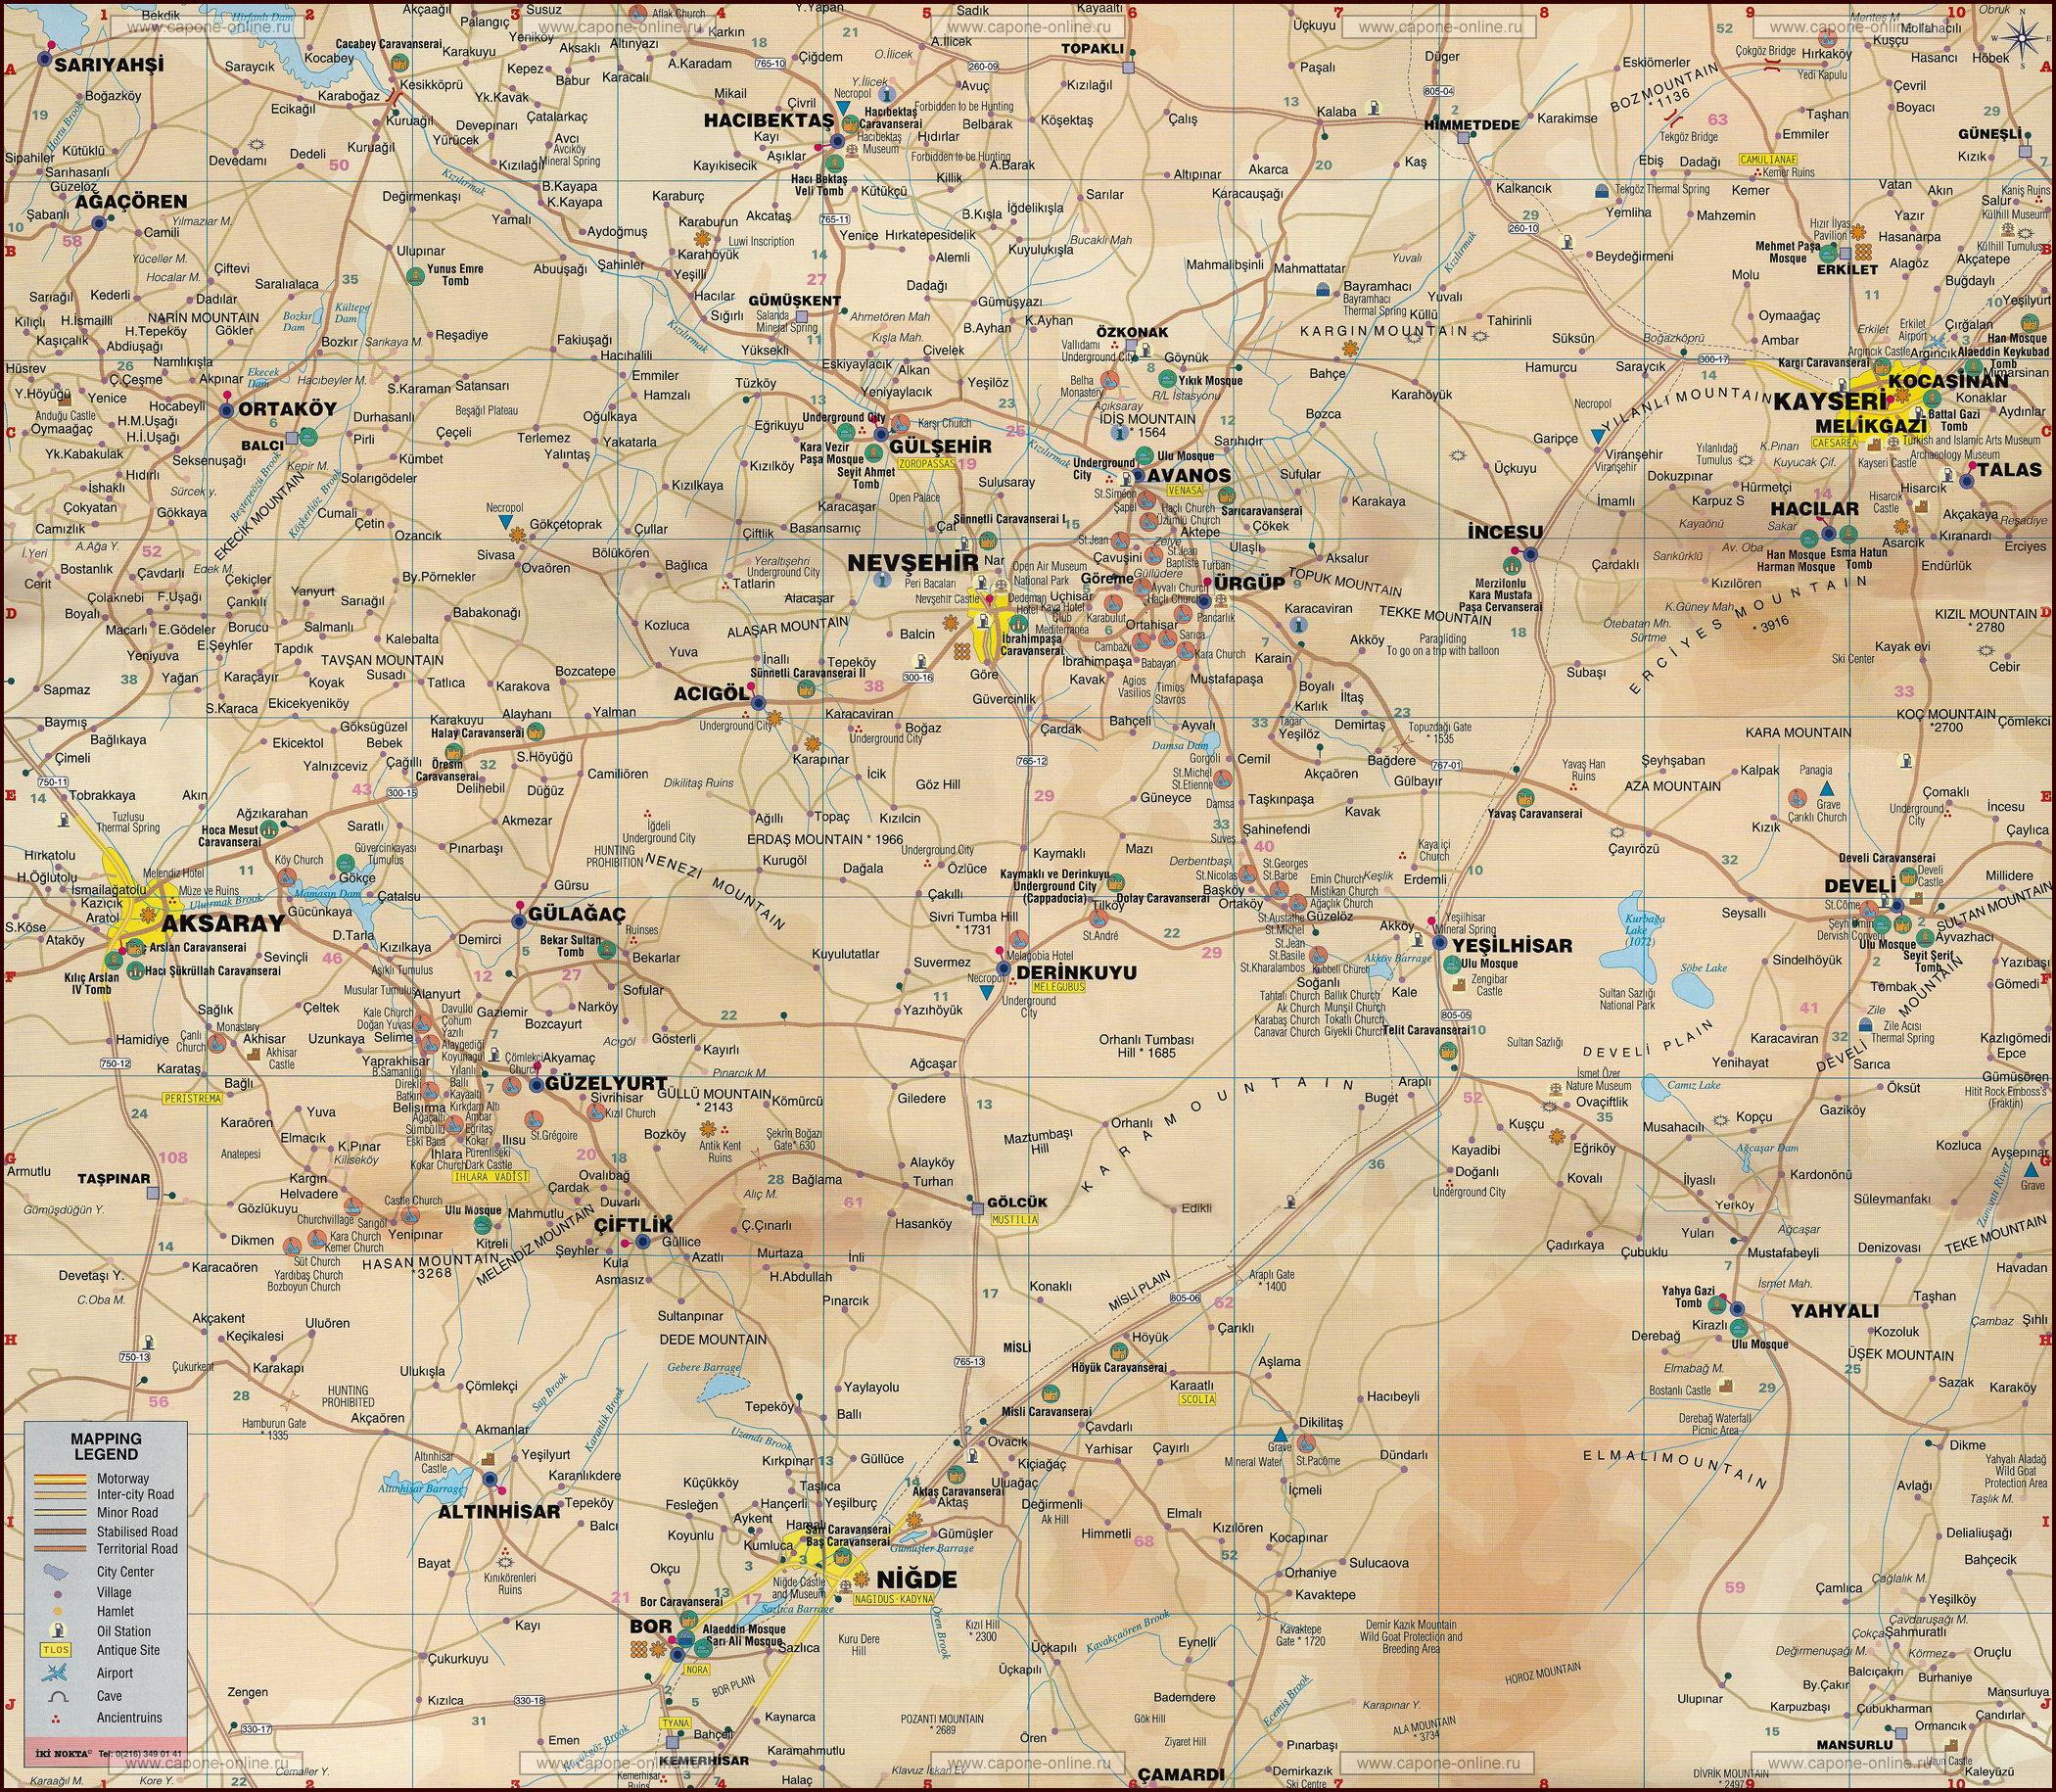 Подробная карта дорог и достопримечательностей Каппадокии